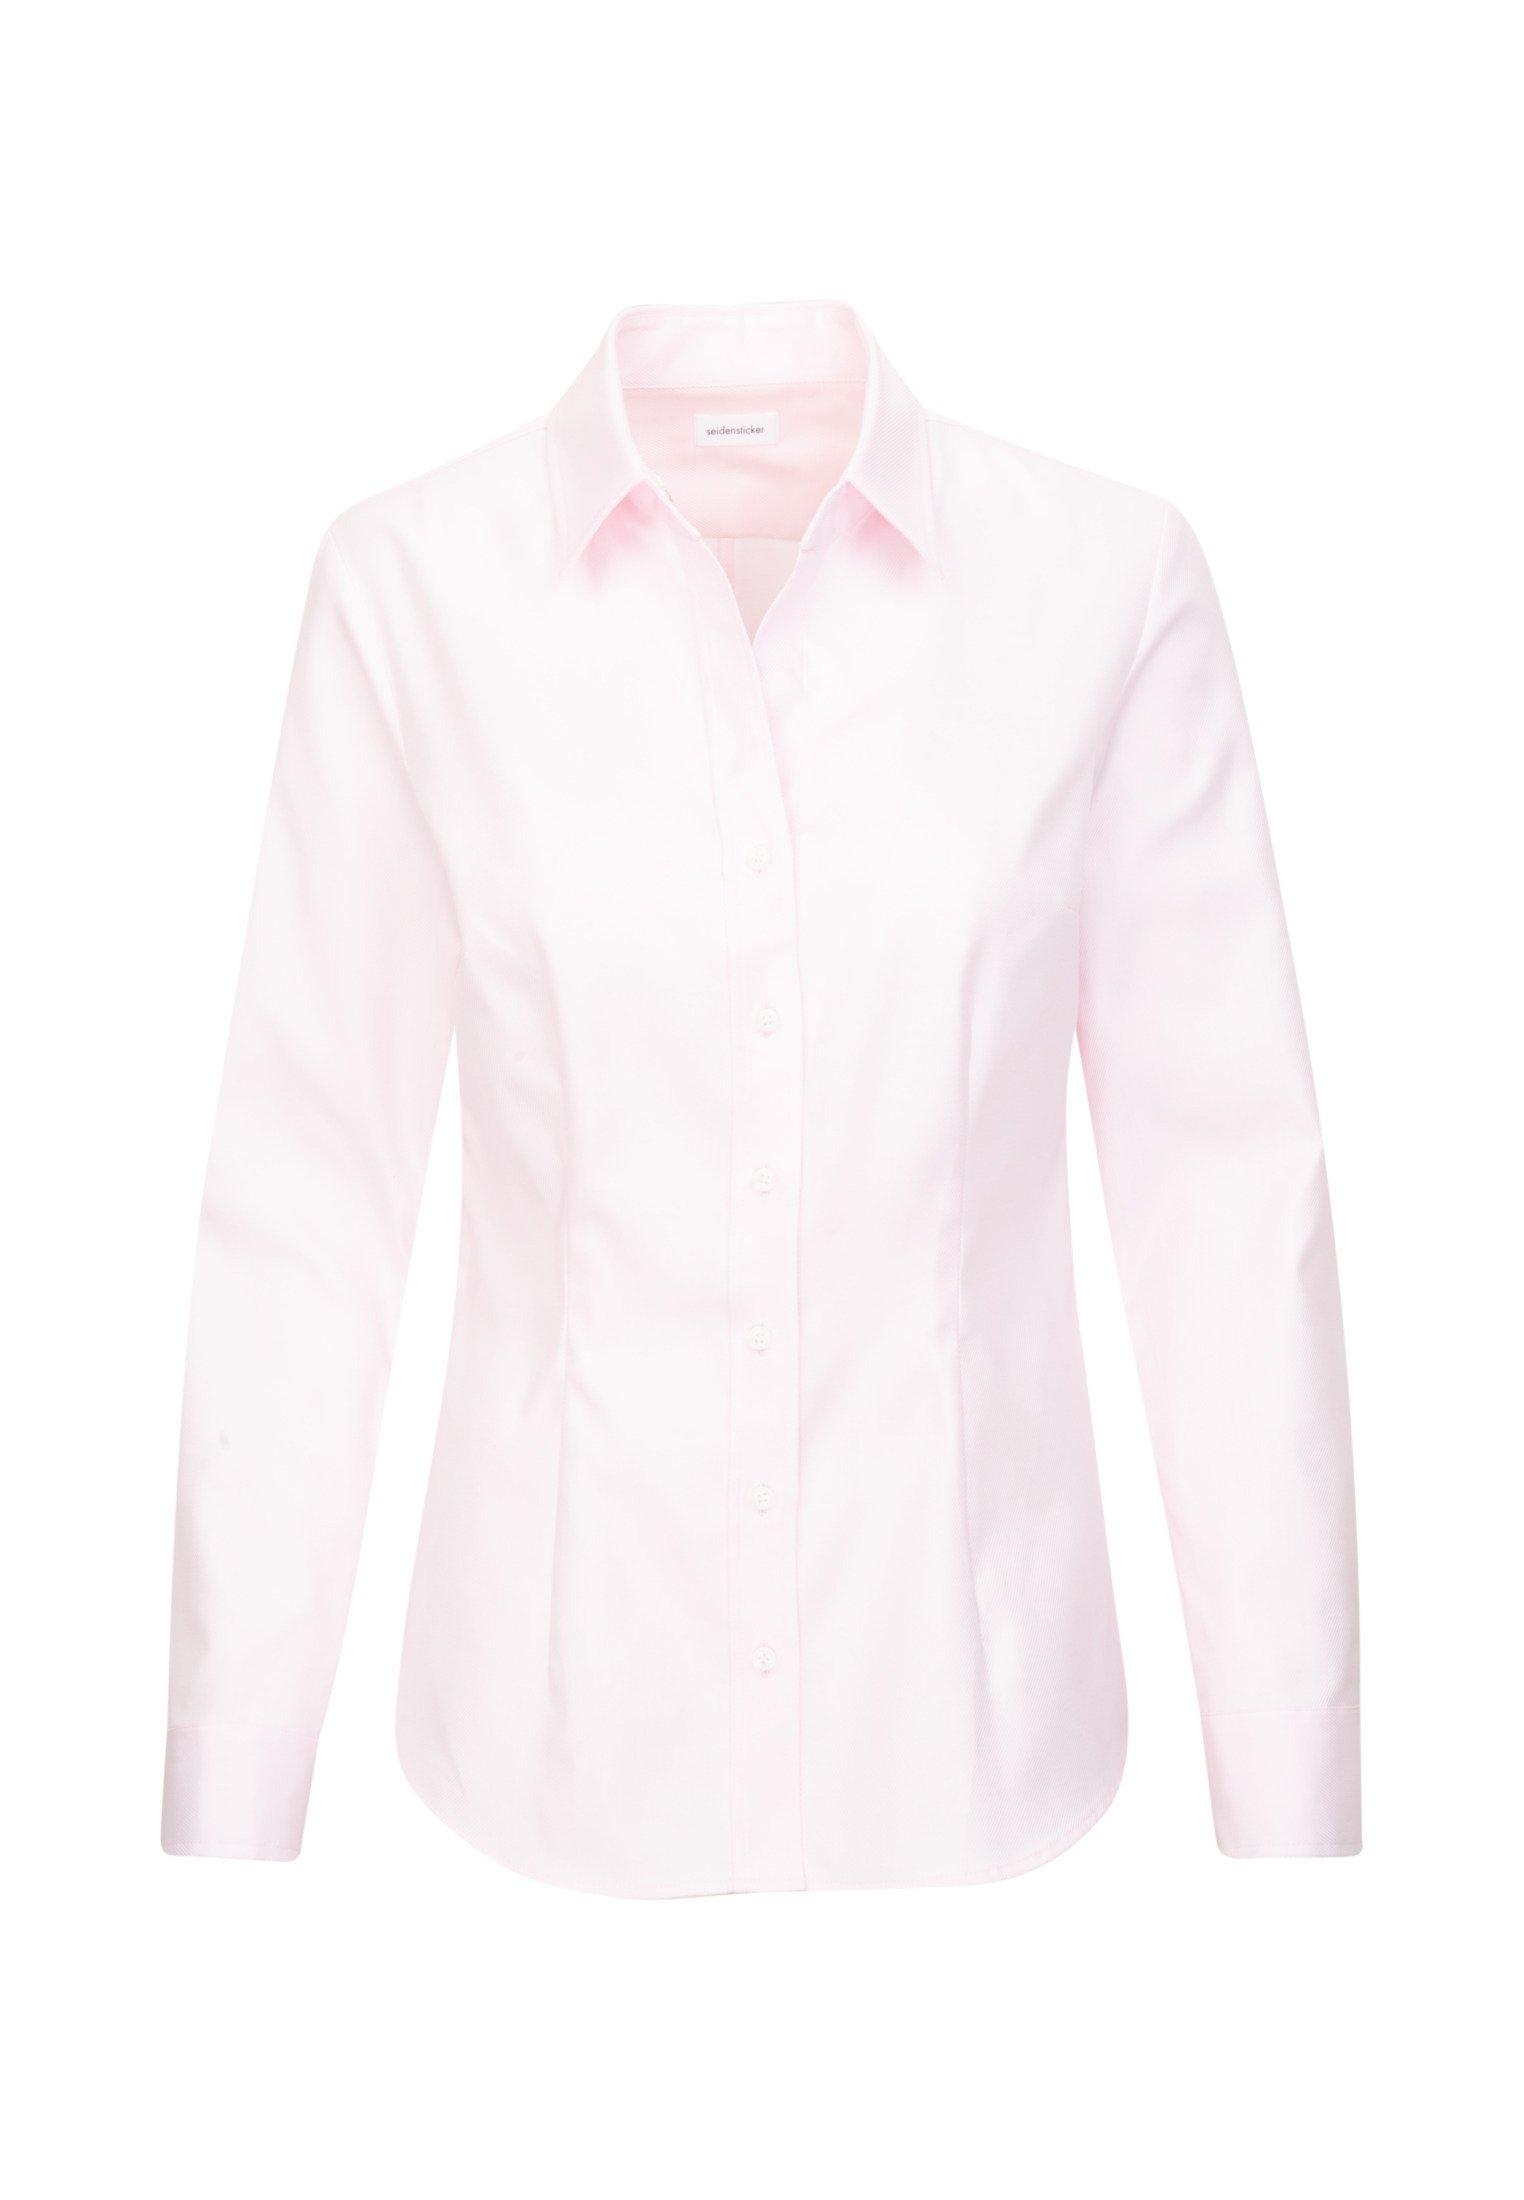 Damen SCHWARZE ROSE - Hemdbluse